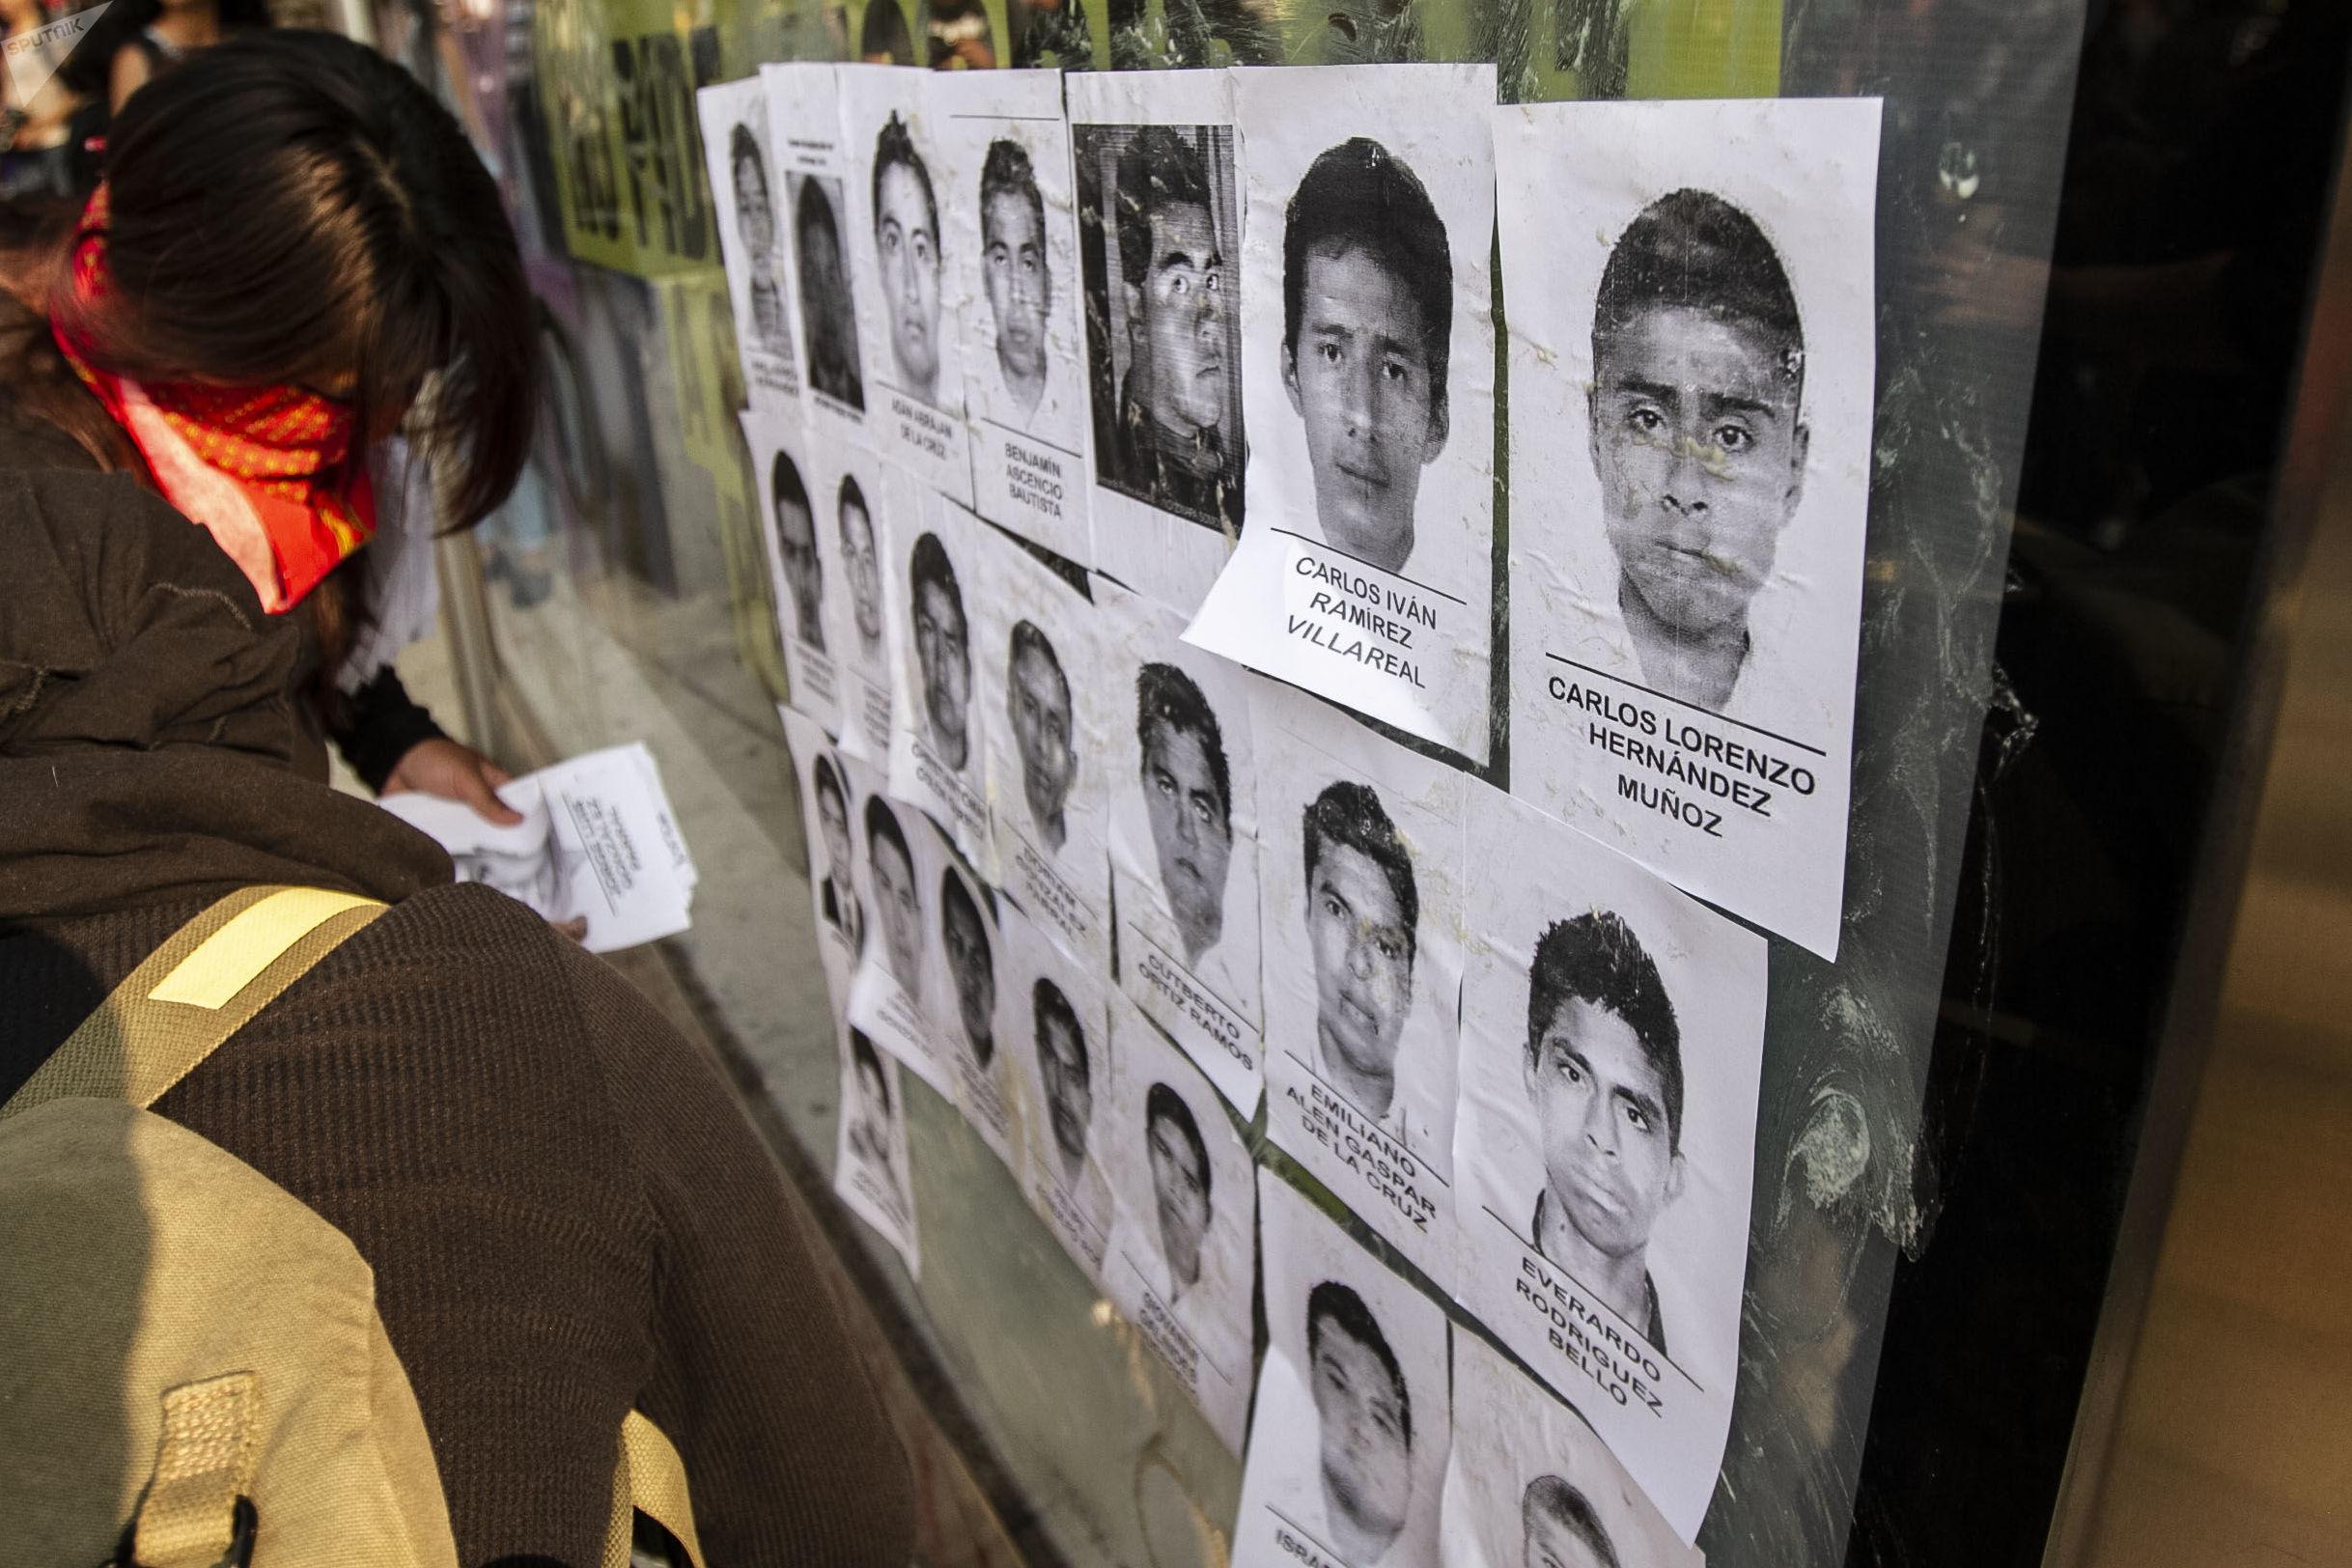 Retratos de los 43 estudiantes de Ayotzinapa desaparecidos por policías de Guerrero el 26 de Setiembre de 2014.